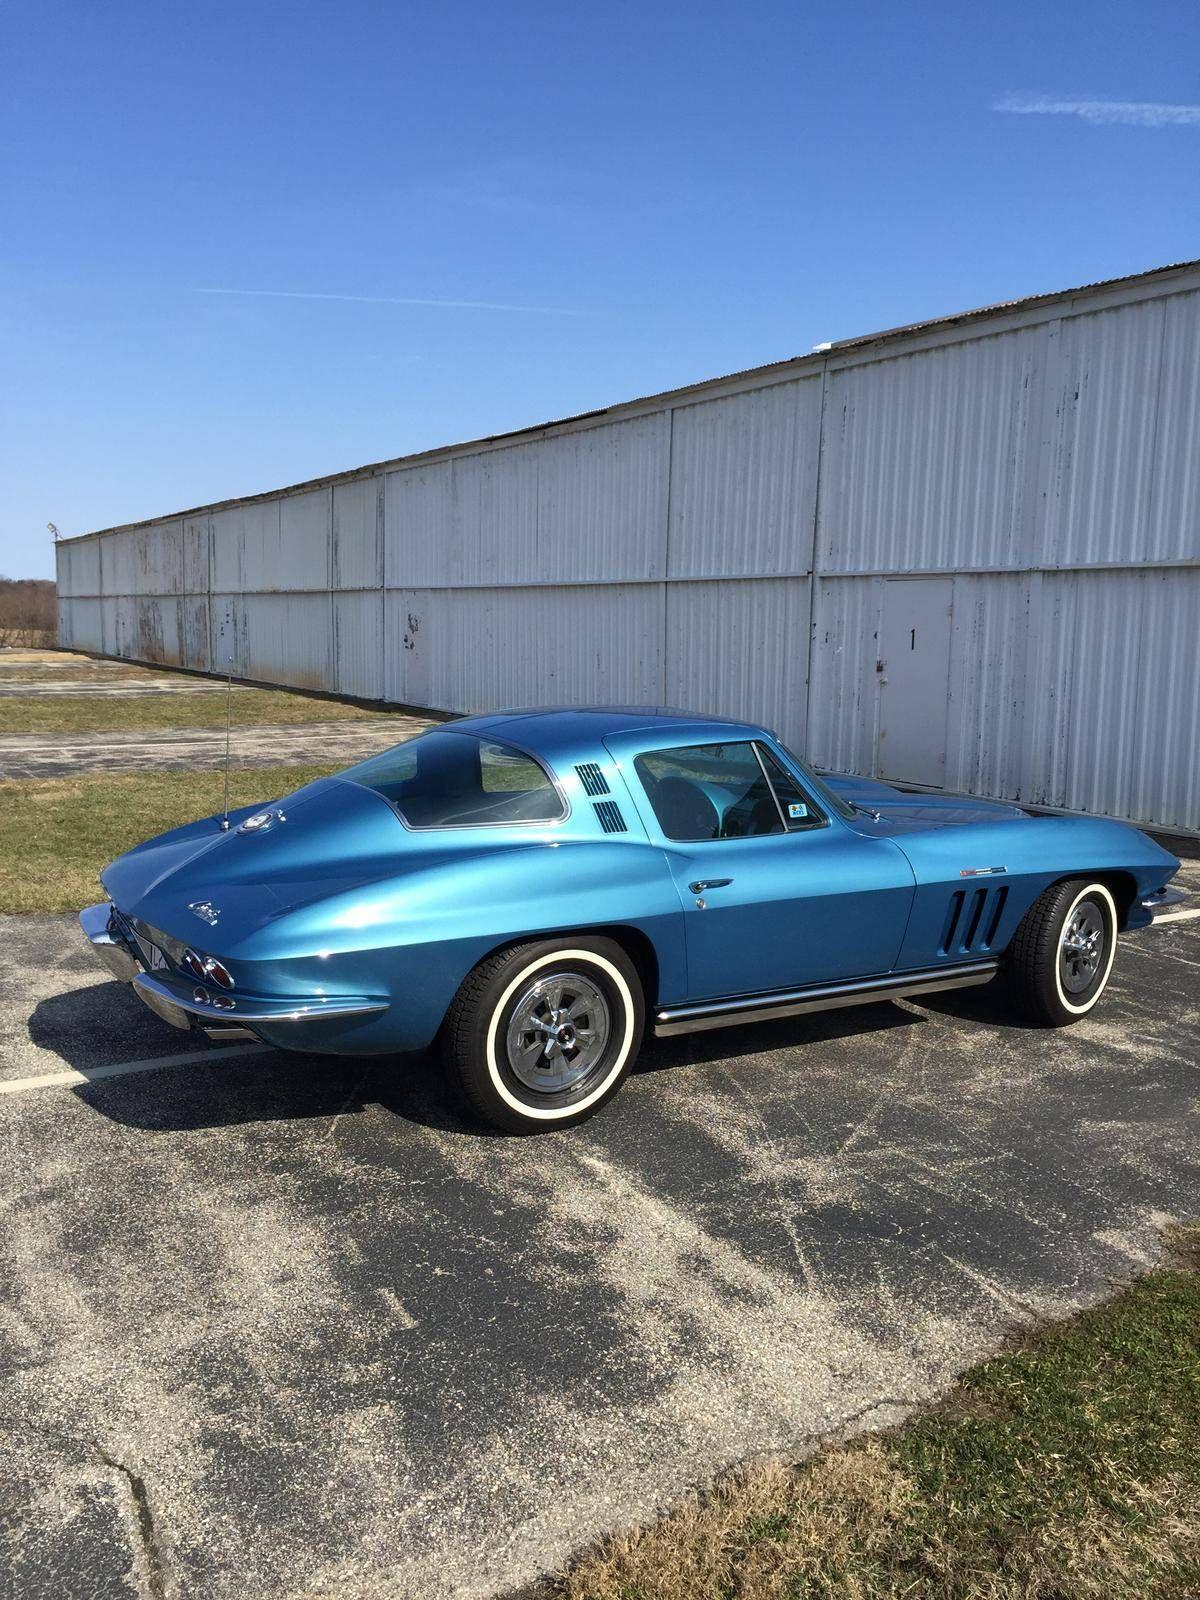 1965 Corvette For Sale >> 1965 Chevrolet Corvette For Sale 1876224 Hemmings Motor